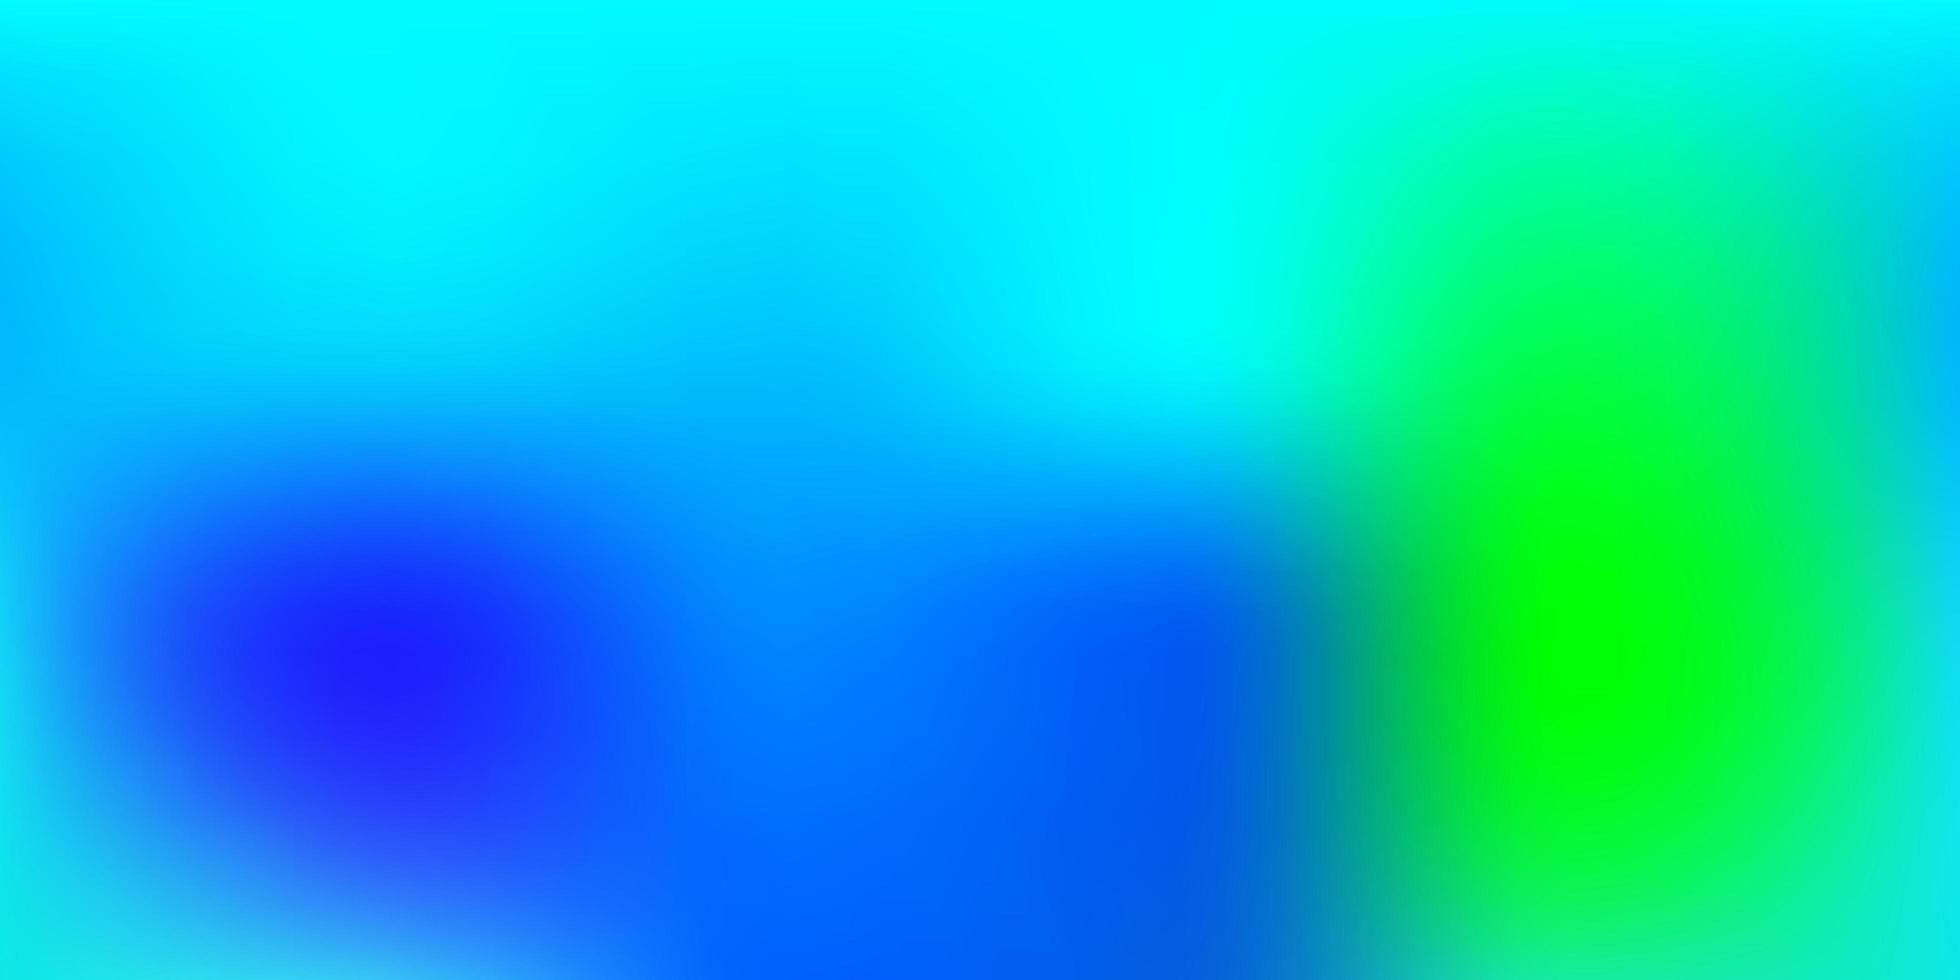 Light Blue, Green blur background. vector